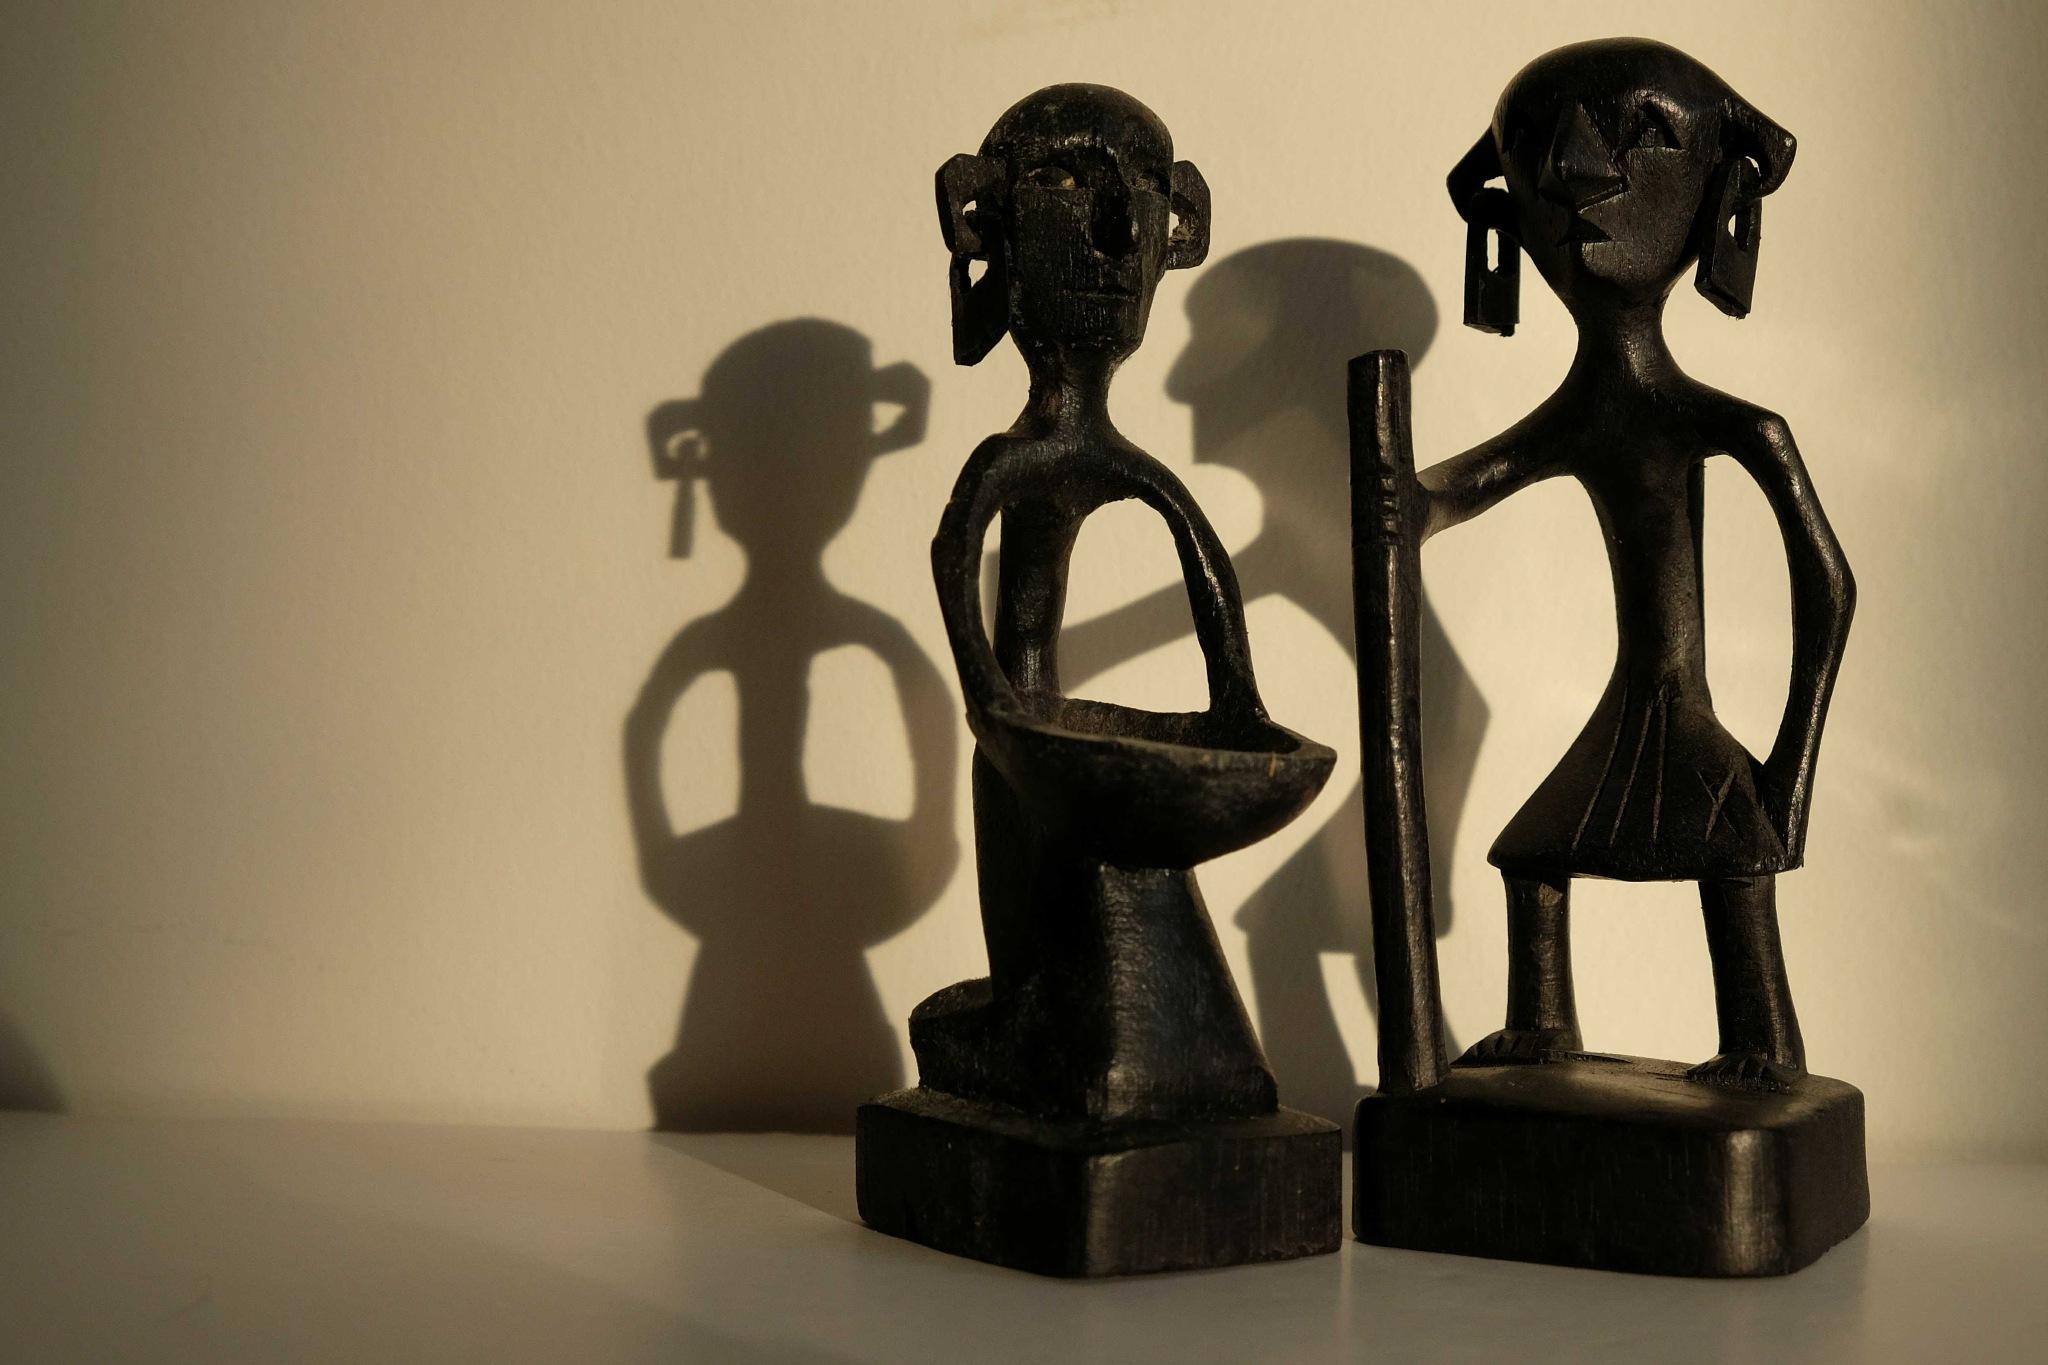 Untitled by Yaron Snir-stettiner